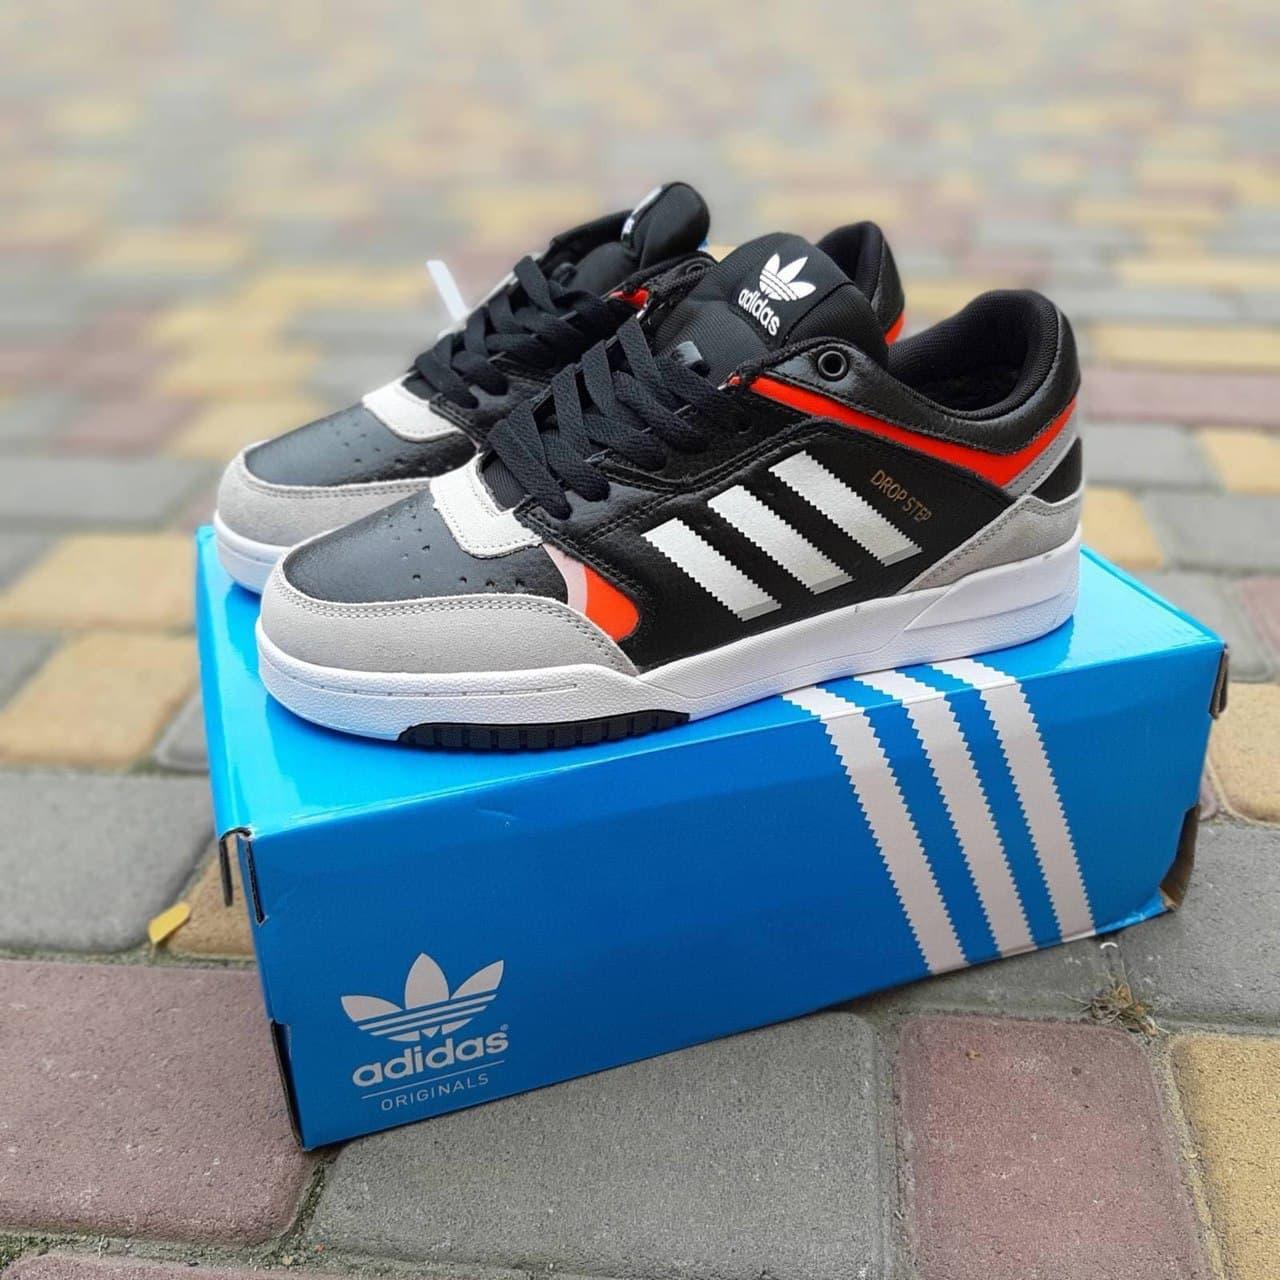 Чоловічі кросівки Adidas Drop Step (чорно-білі) О10337 спортивні демісезонні стильні